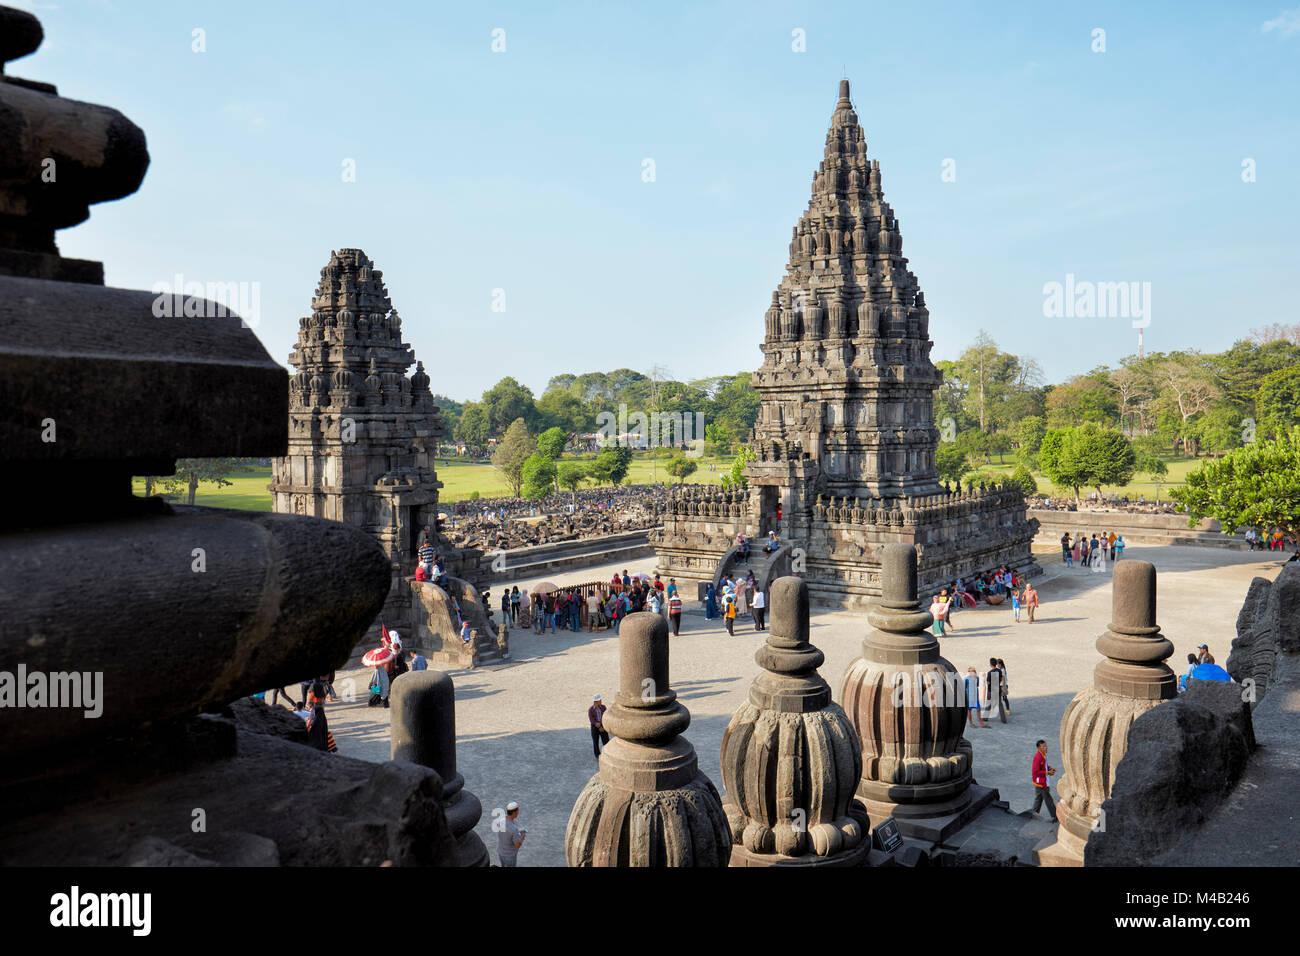 Temple Hindou de Prambanan composé. La région spéciale de Yogyakarta, Java, Indonésie. Photo Stock